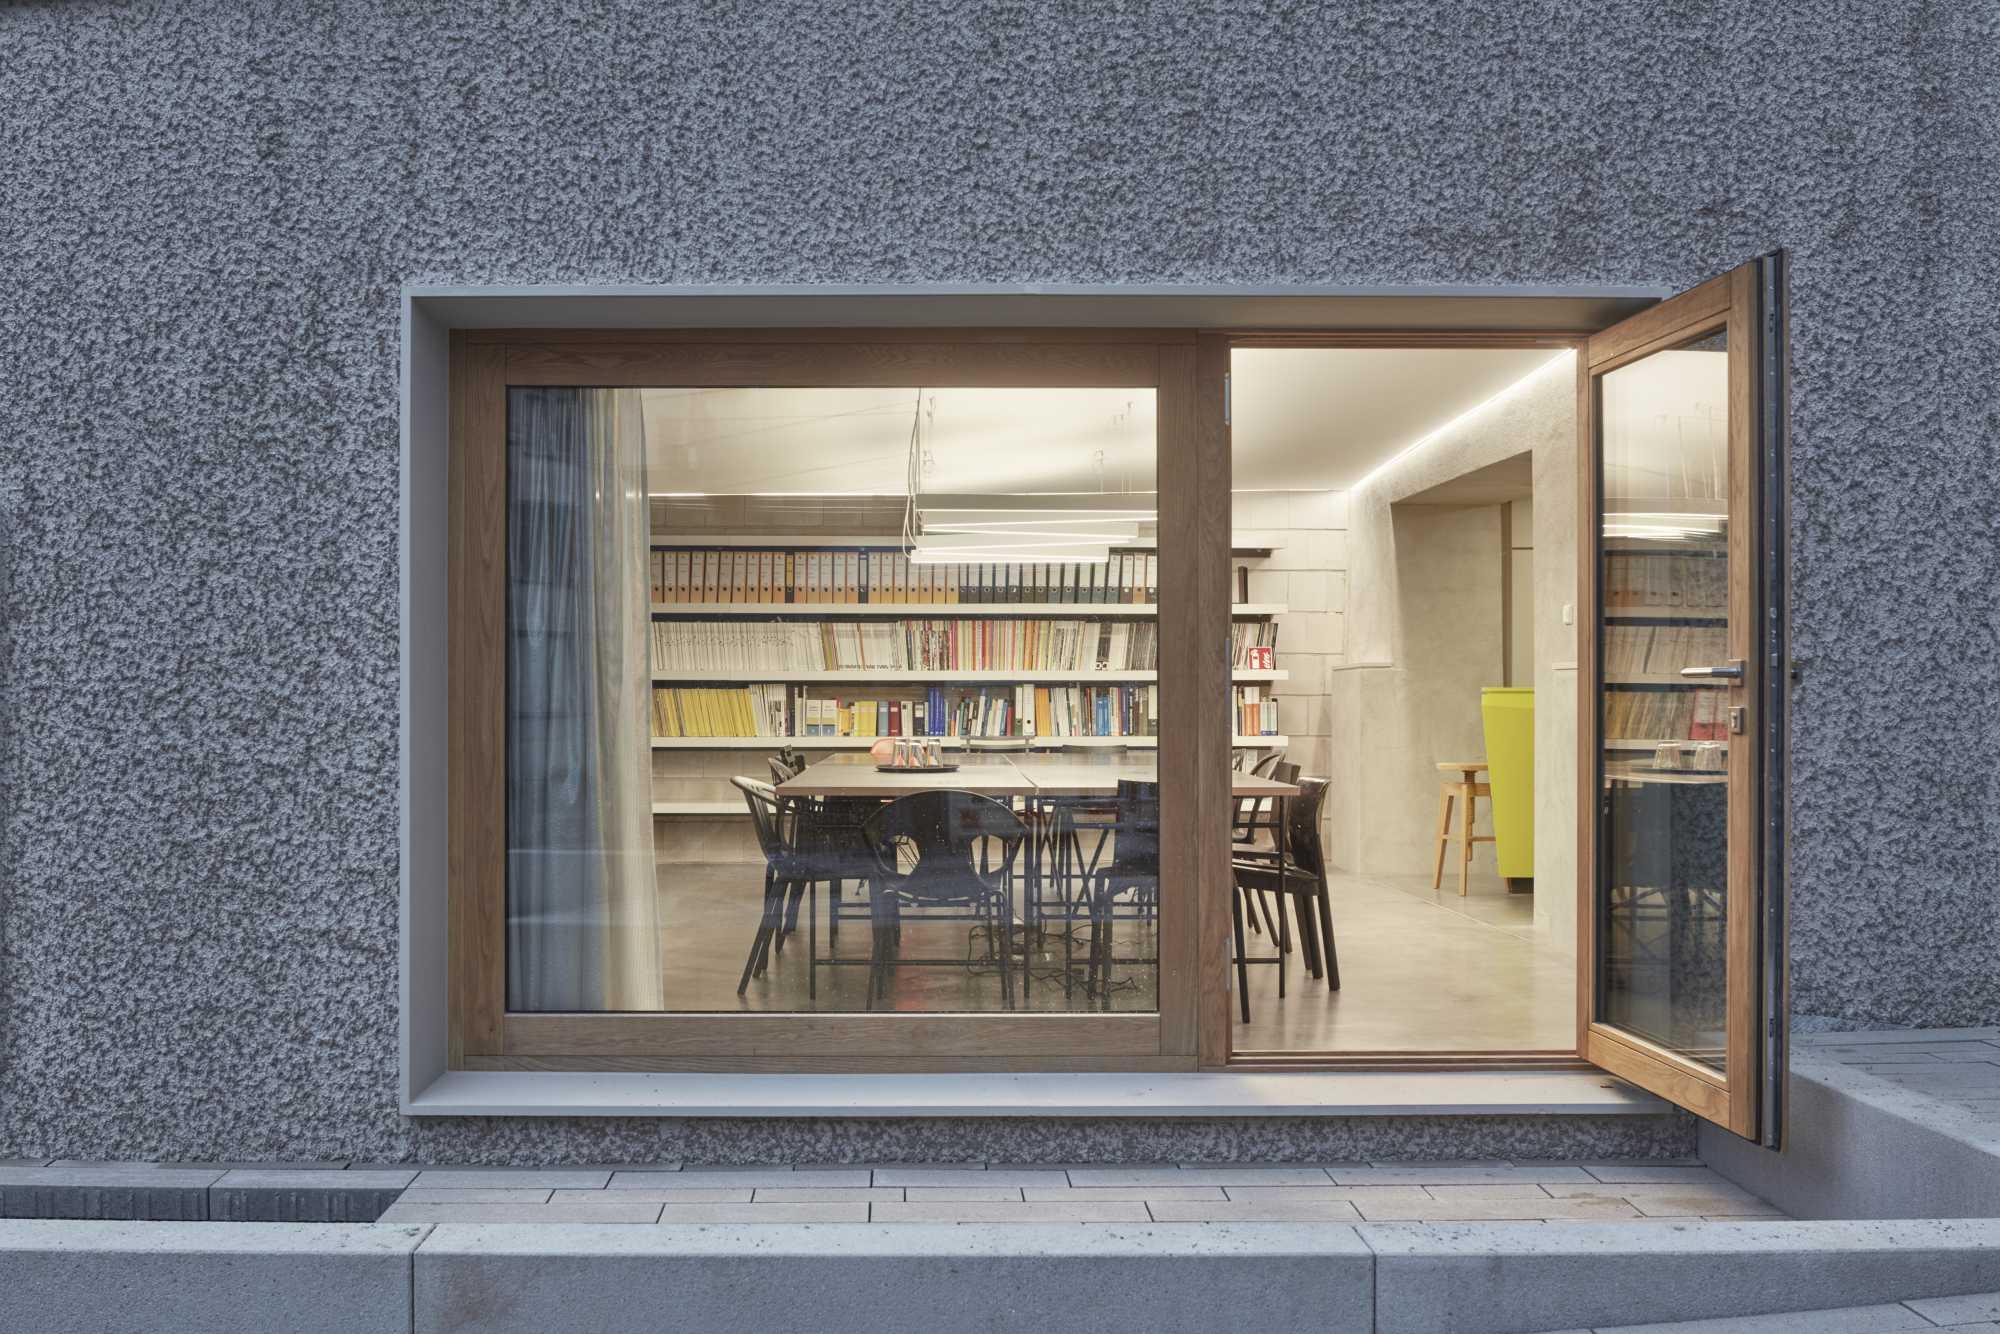 AZ Architekturzeitung veröffentlicht unser Projekt in der Tübinger Altstadt ({project_images:field_row_count})